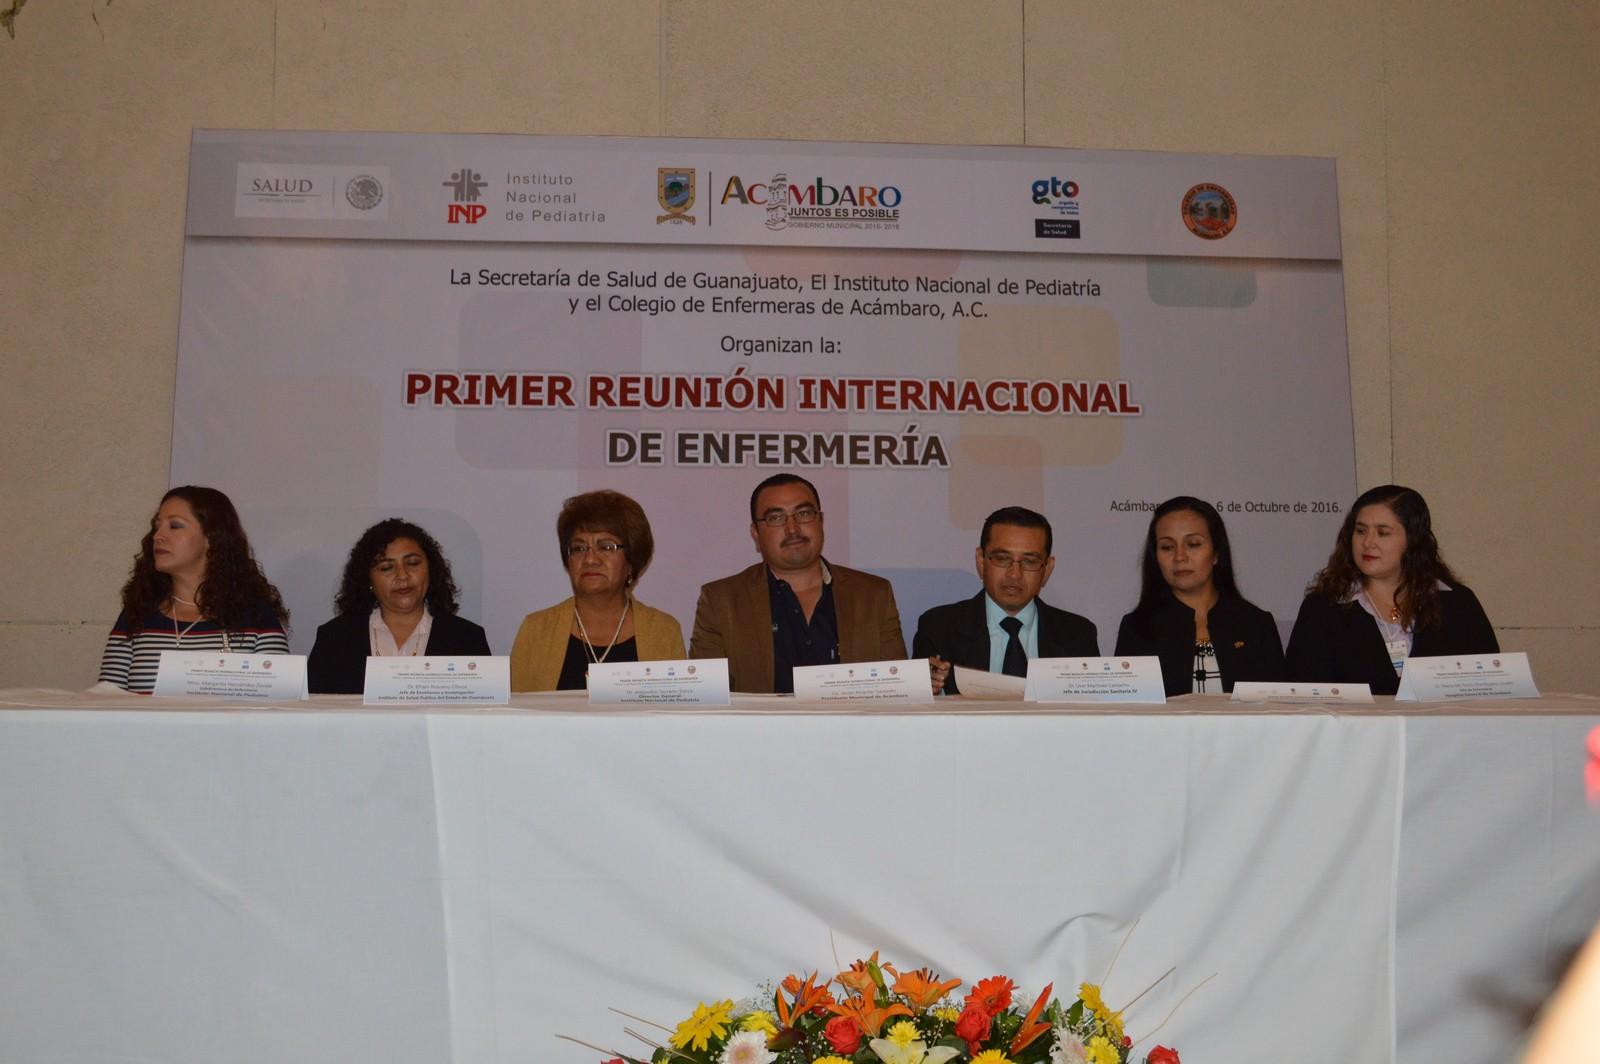 La Reunión Internacional de Enfermería (Innovar para transformar) fue inaugurada por el Lic. Gerardo Javier Alcántar Saucedo, Presidente Municipal, en donde expresó la necesidad de actualización constante en esta noble profesión.